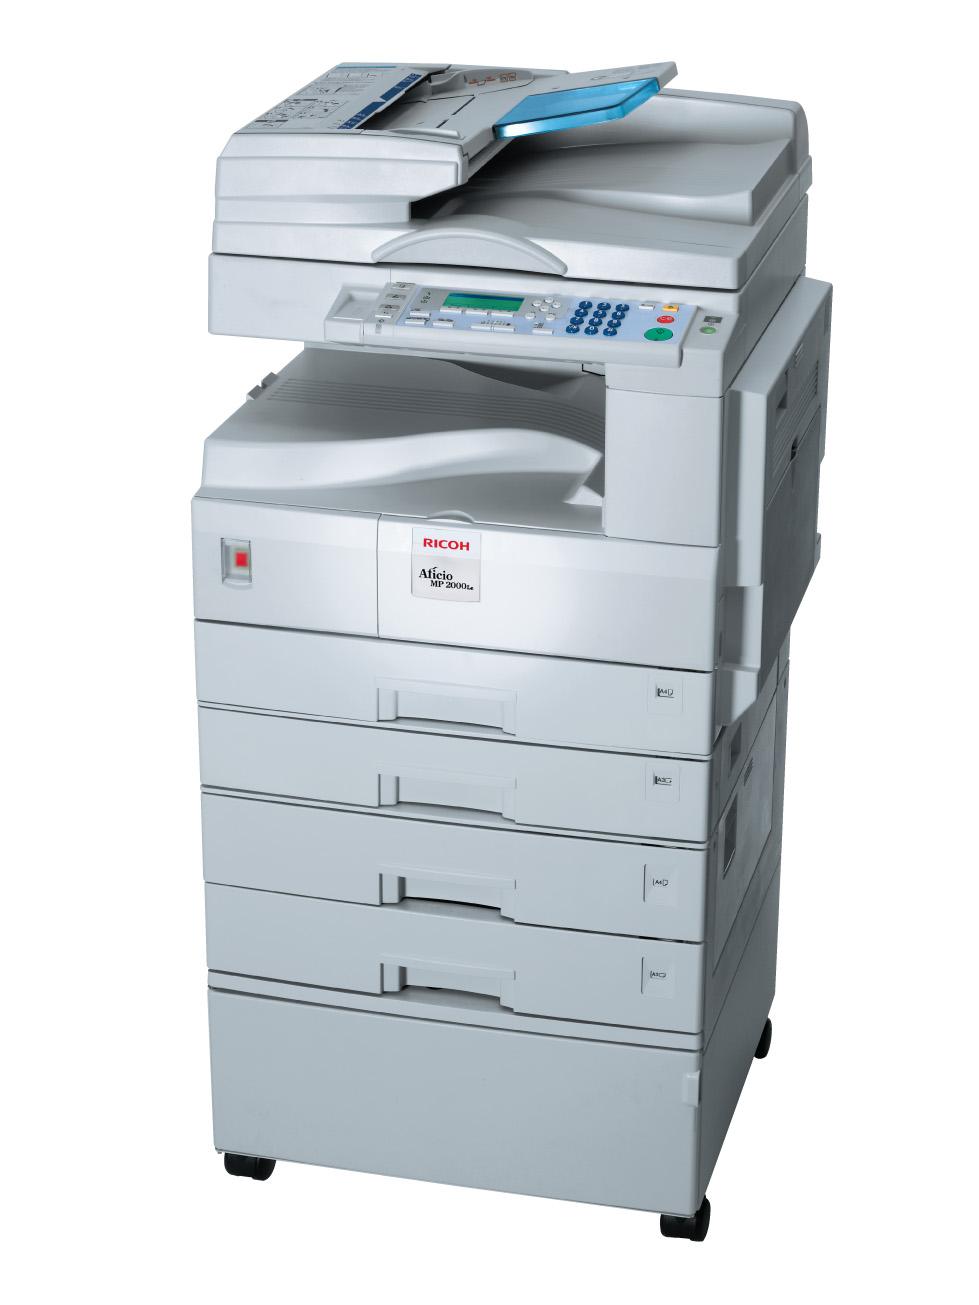 Comparer les prix des imprimeurs avant de commander